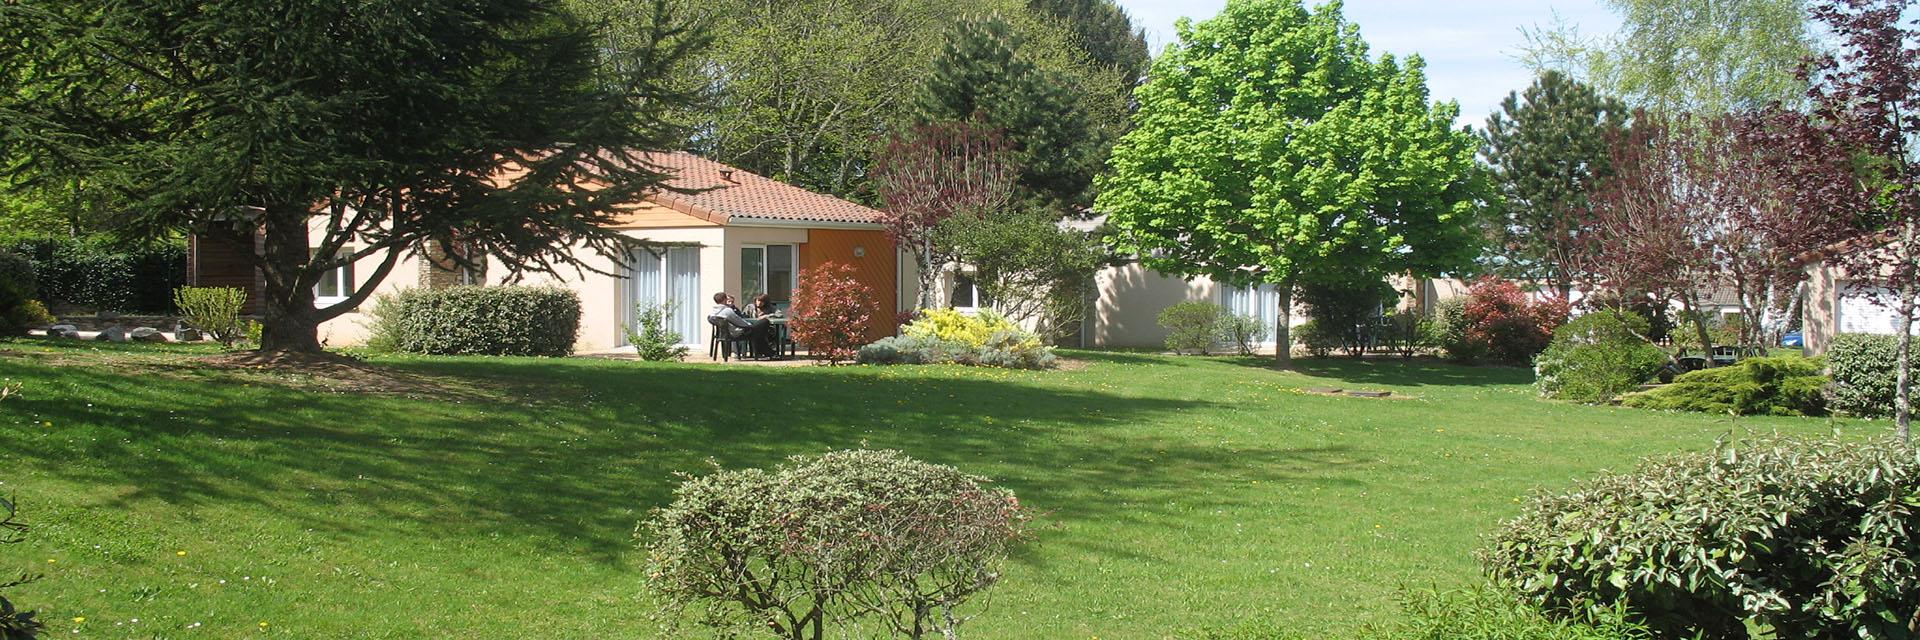 Village_club_vacances_provence-et-vercors-le-souffle-vert-vue-village